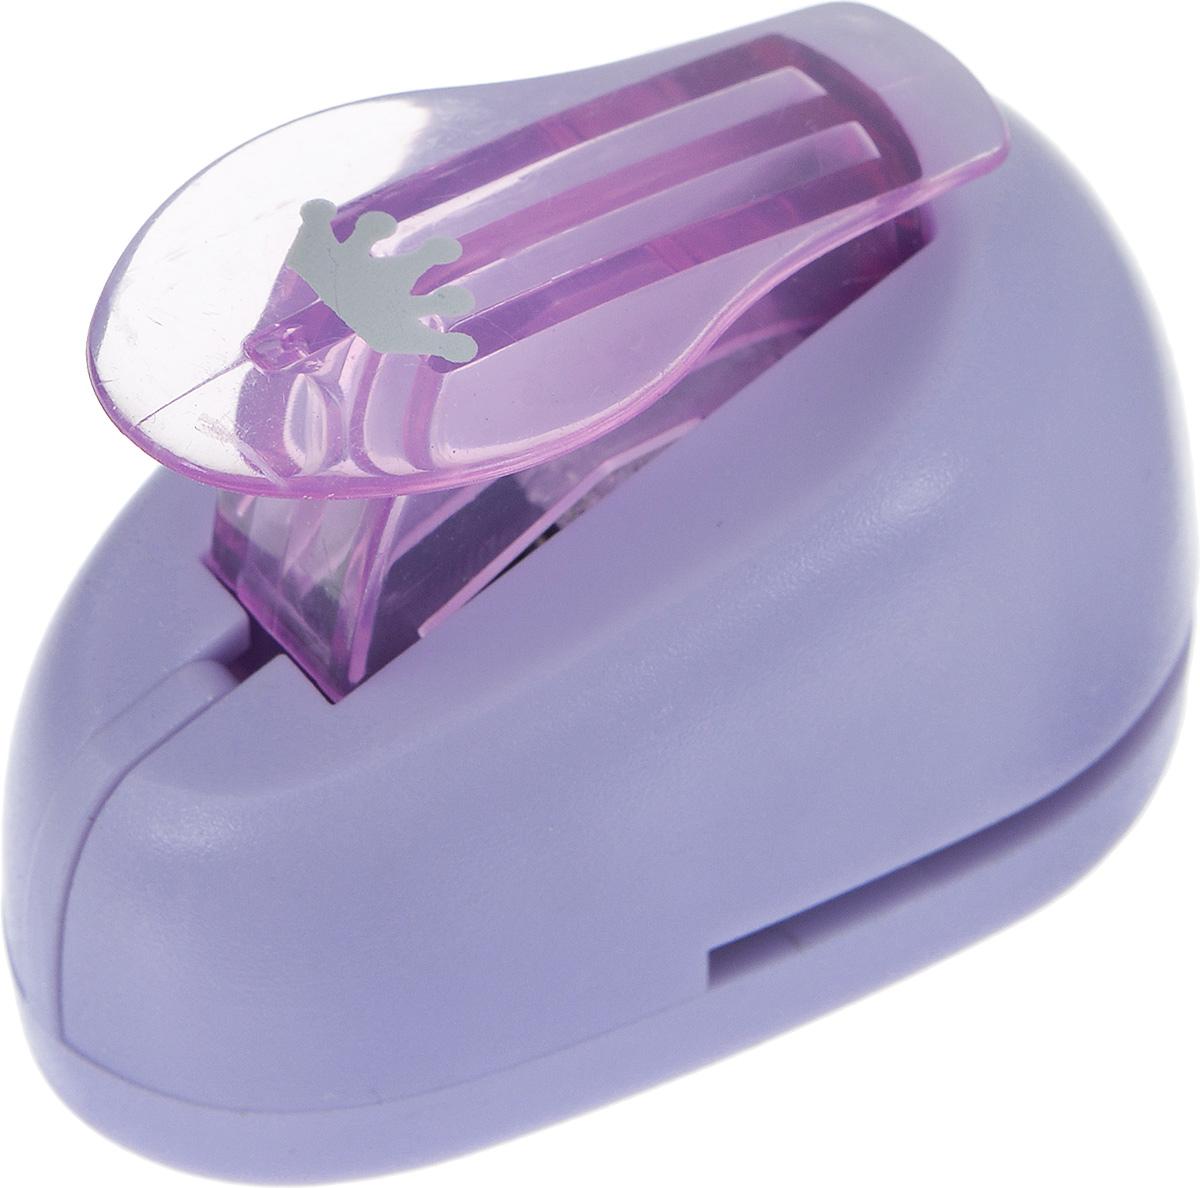 Дырокол фигурный Hobbyboom Корона, №241, цвет: фиолетовый, 1 смC13S041944Дырокол фигурный Hobbyboom Корона, выполненный из прочного пластика и металла, используется в скрапбукинге для украшения открыток, карточек, коробочек и прочего.Применяется для прорезания фигурных отверстий в бумаге. Вырезанный элемент также можно использовать для украшения.Предназначен для бумаги плотностью от 80 до 200 г/м2. При применении на бумаге большей плотности или на картоне, дырокол быстро затупится. Чтобы заточить нож компостера, нужно прокомпостировать самую тонкую наждачку. Размер готовой фигурки: 1 см х 0,6 см.